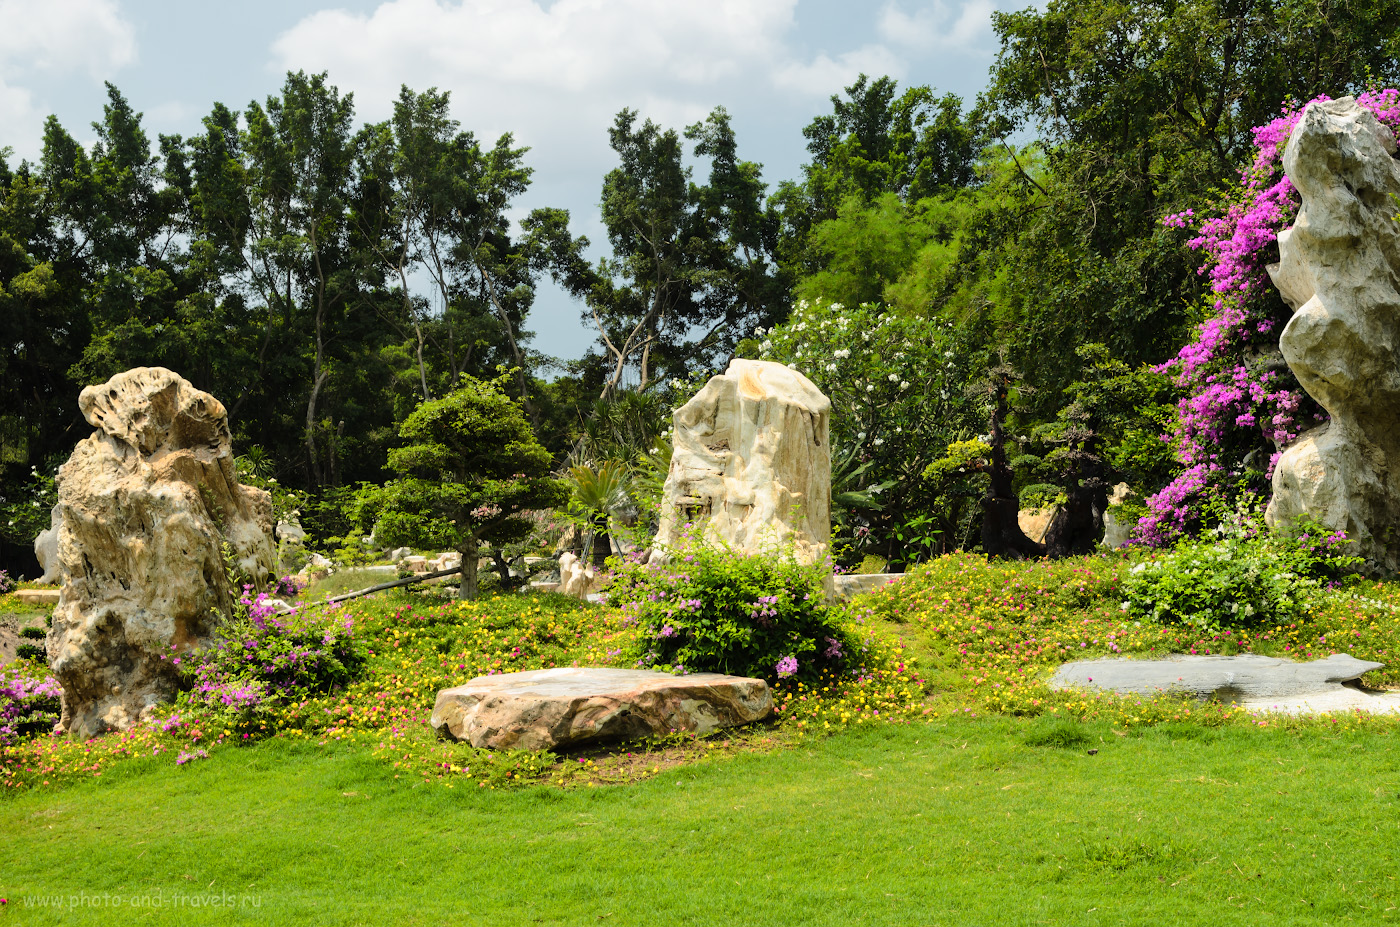 Фото 9. Кам мы съездили на экскурсию в Парк Миллионолетних камней во время отдыха в Паттайе. Поездка в Таиланд самостоятельно. 1/80, 9.0, 100, 31.